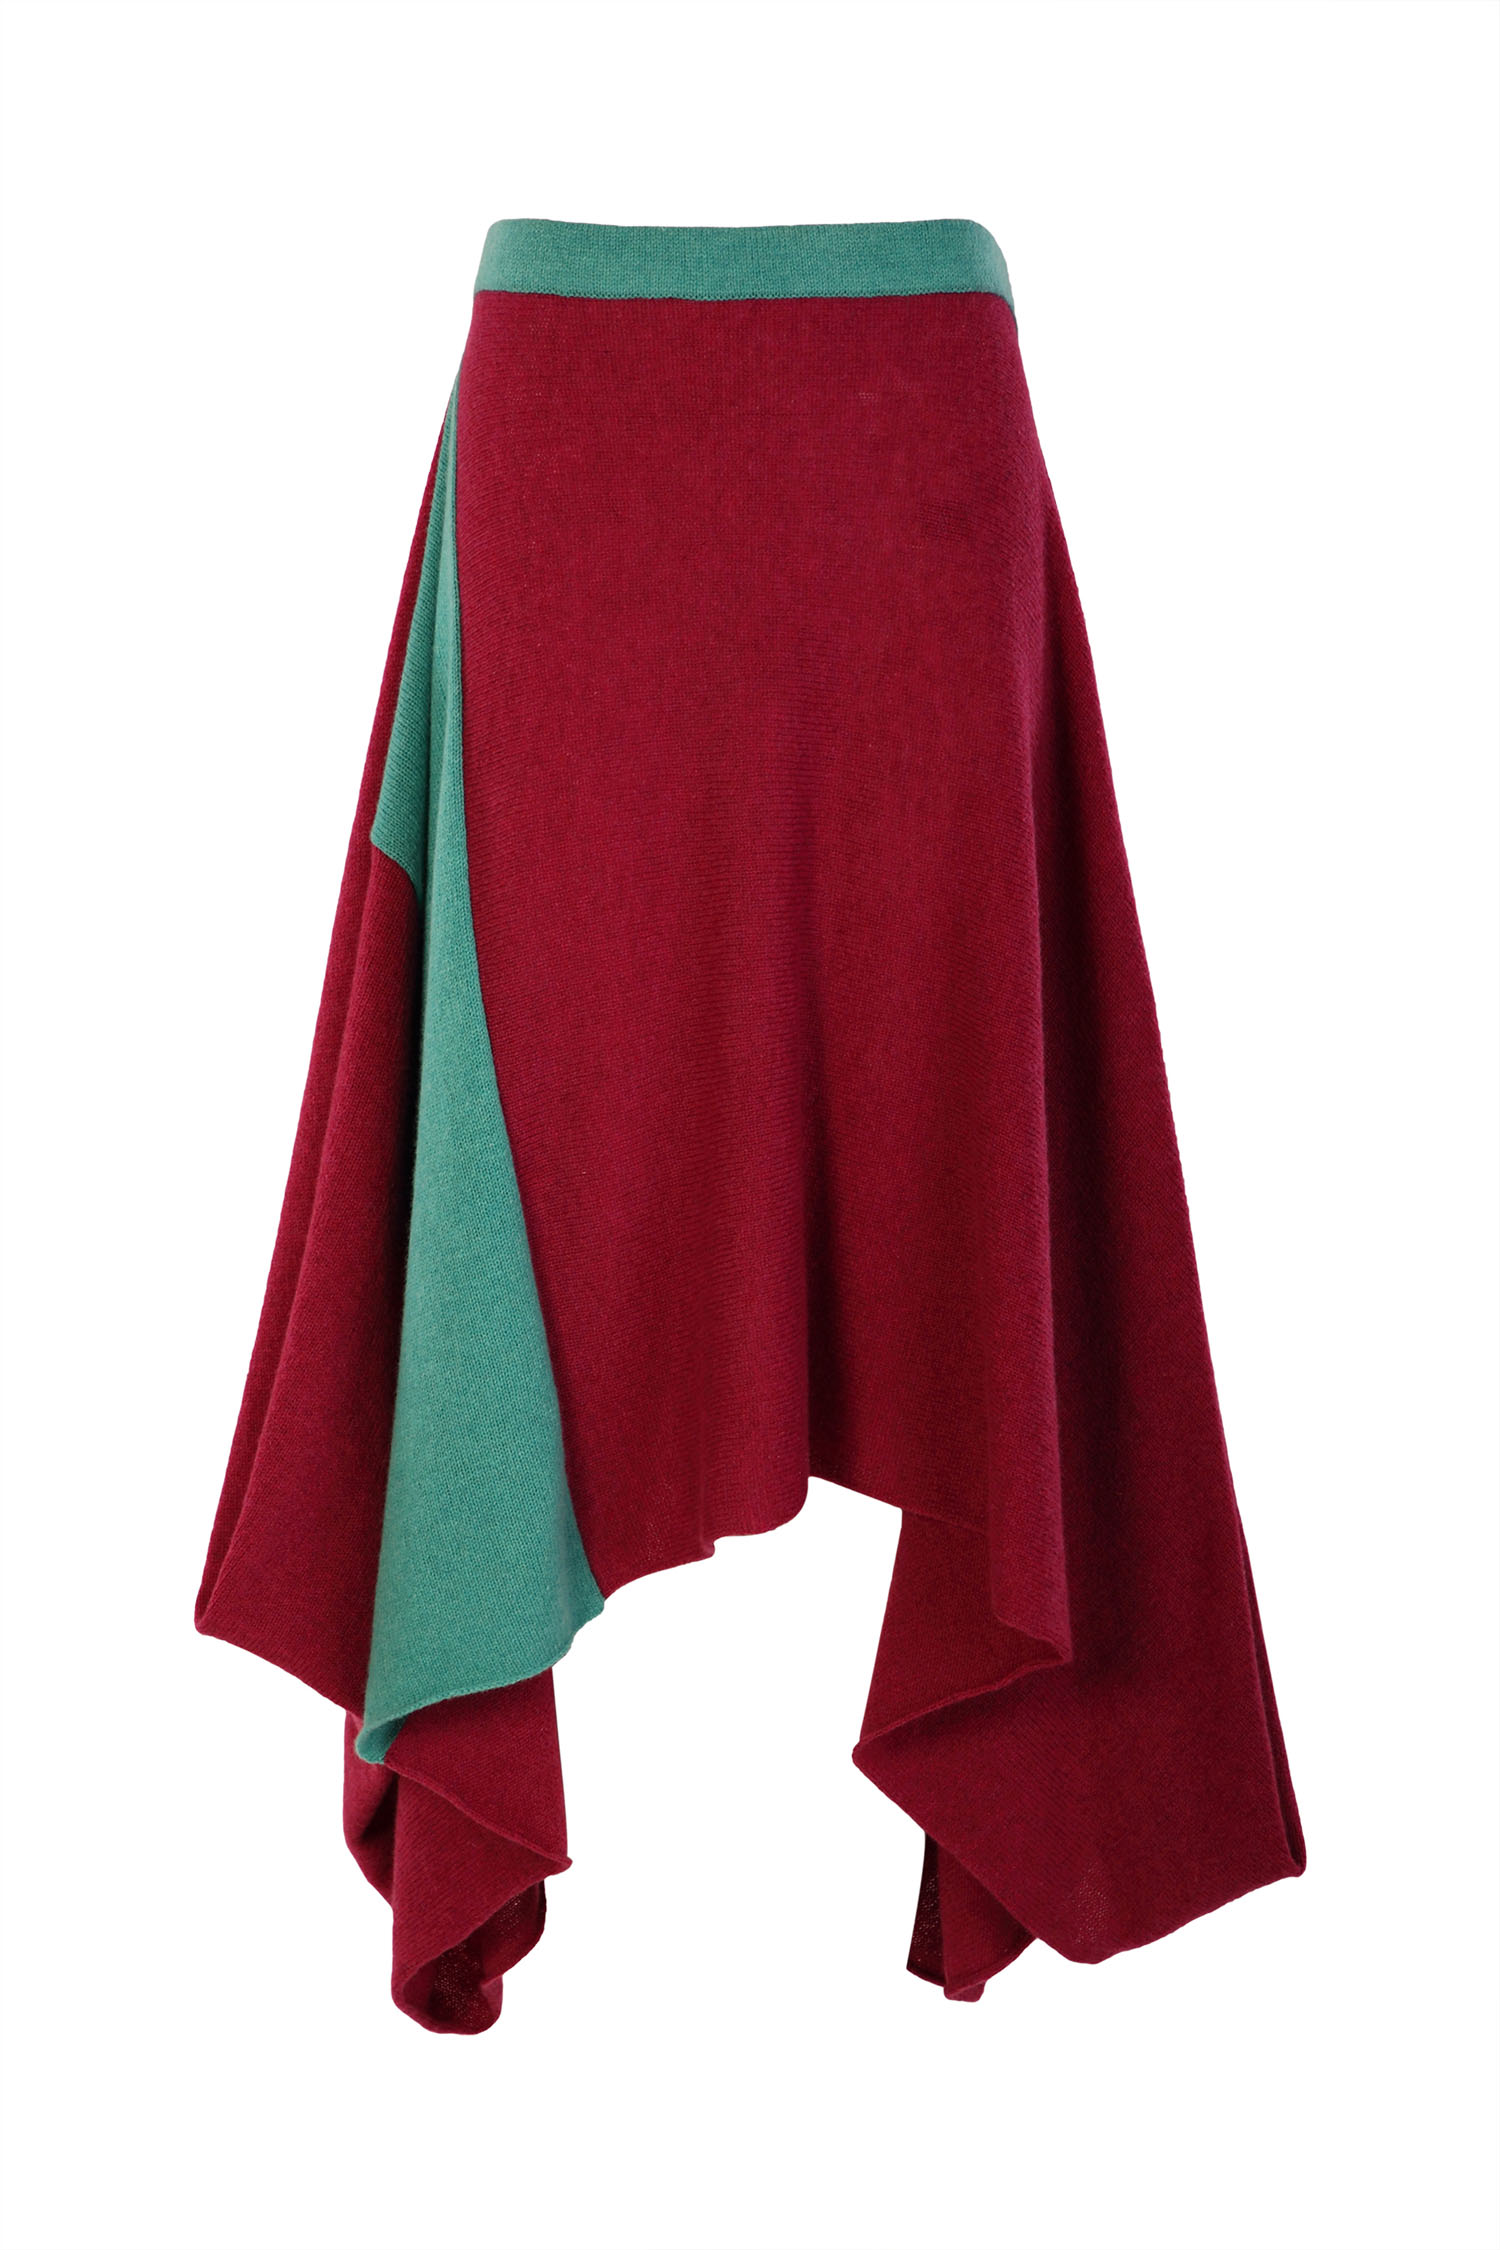 Origami skirt Autumn5